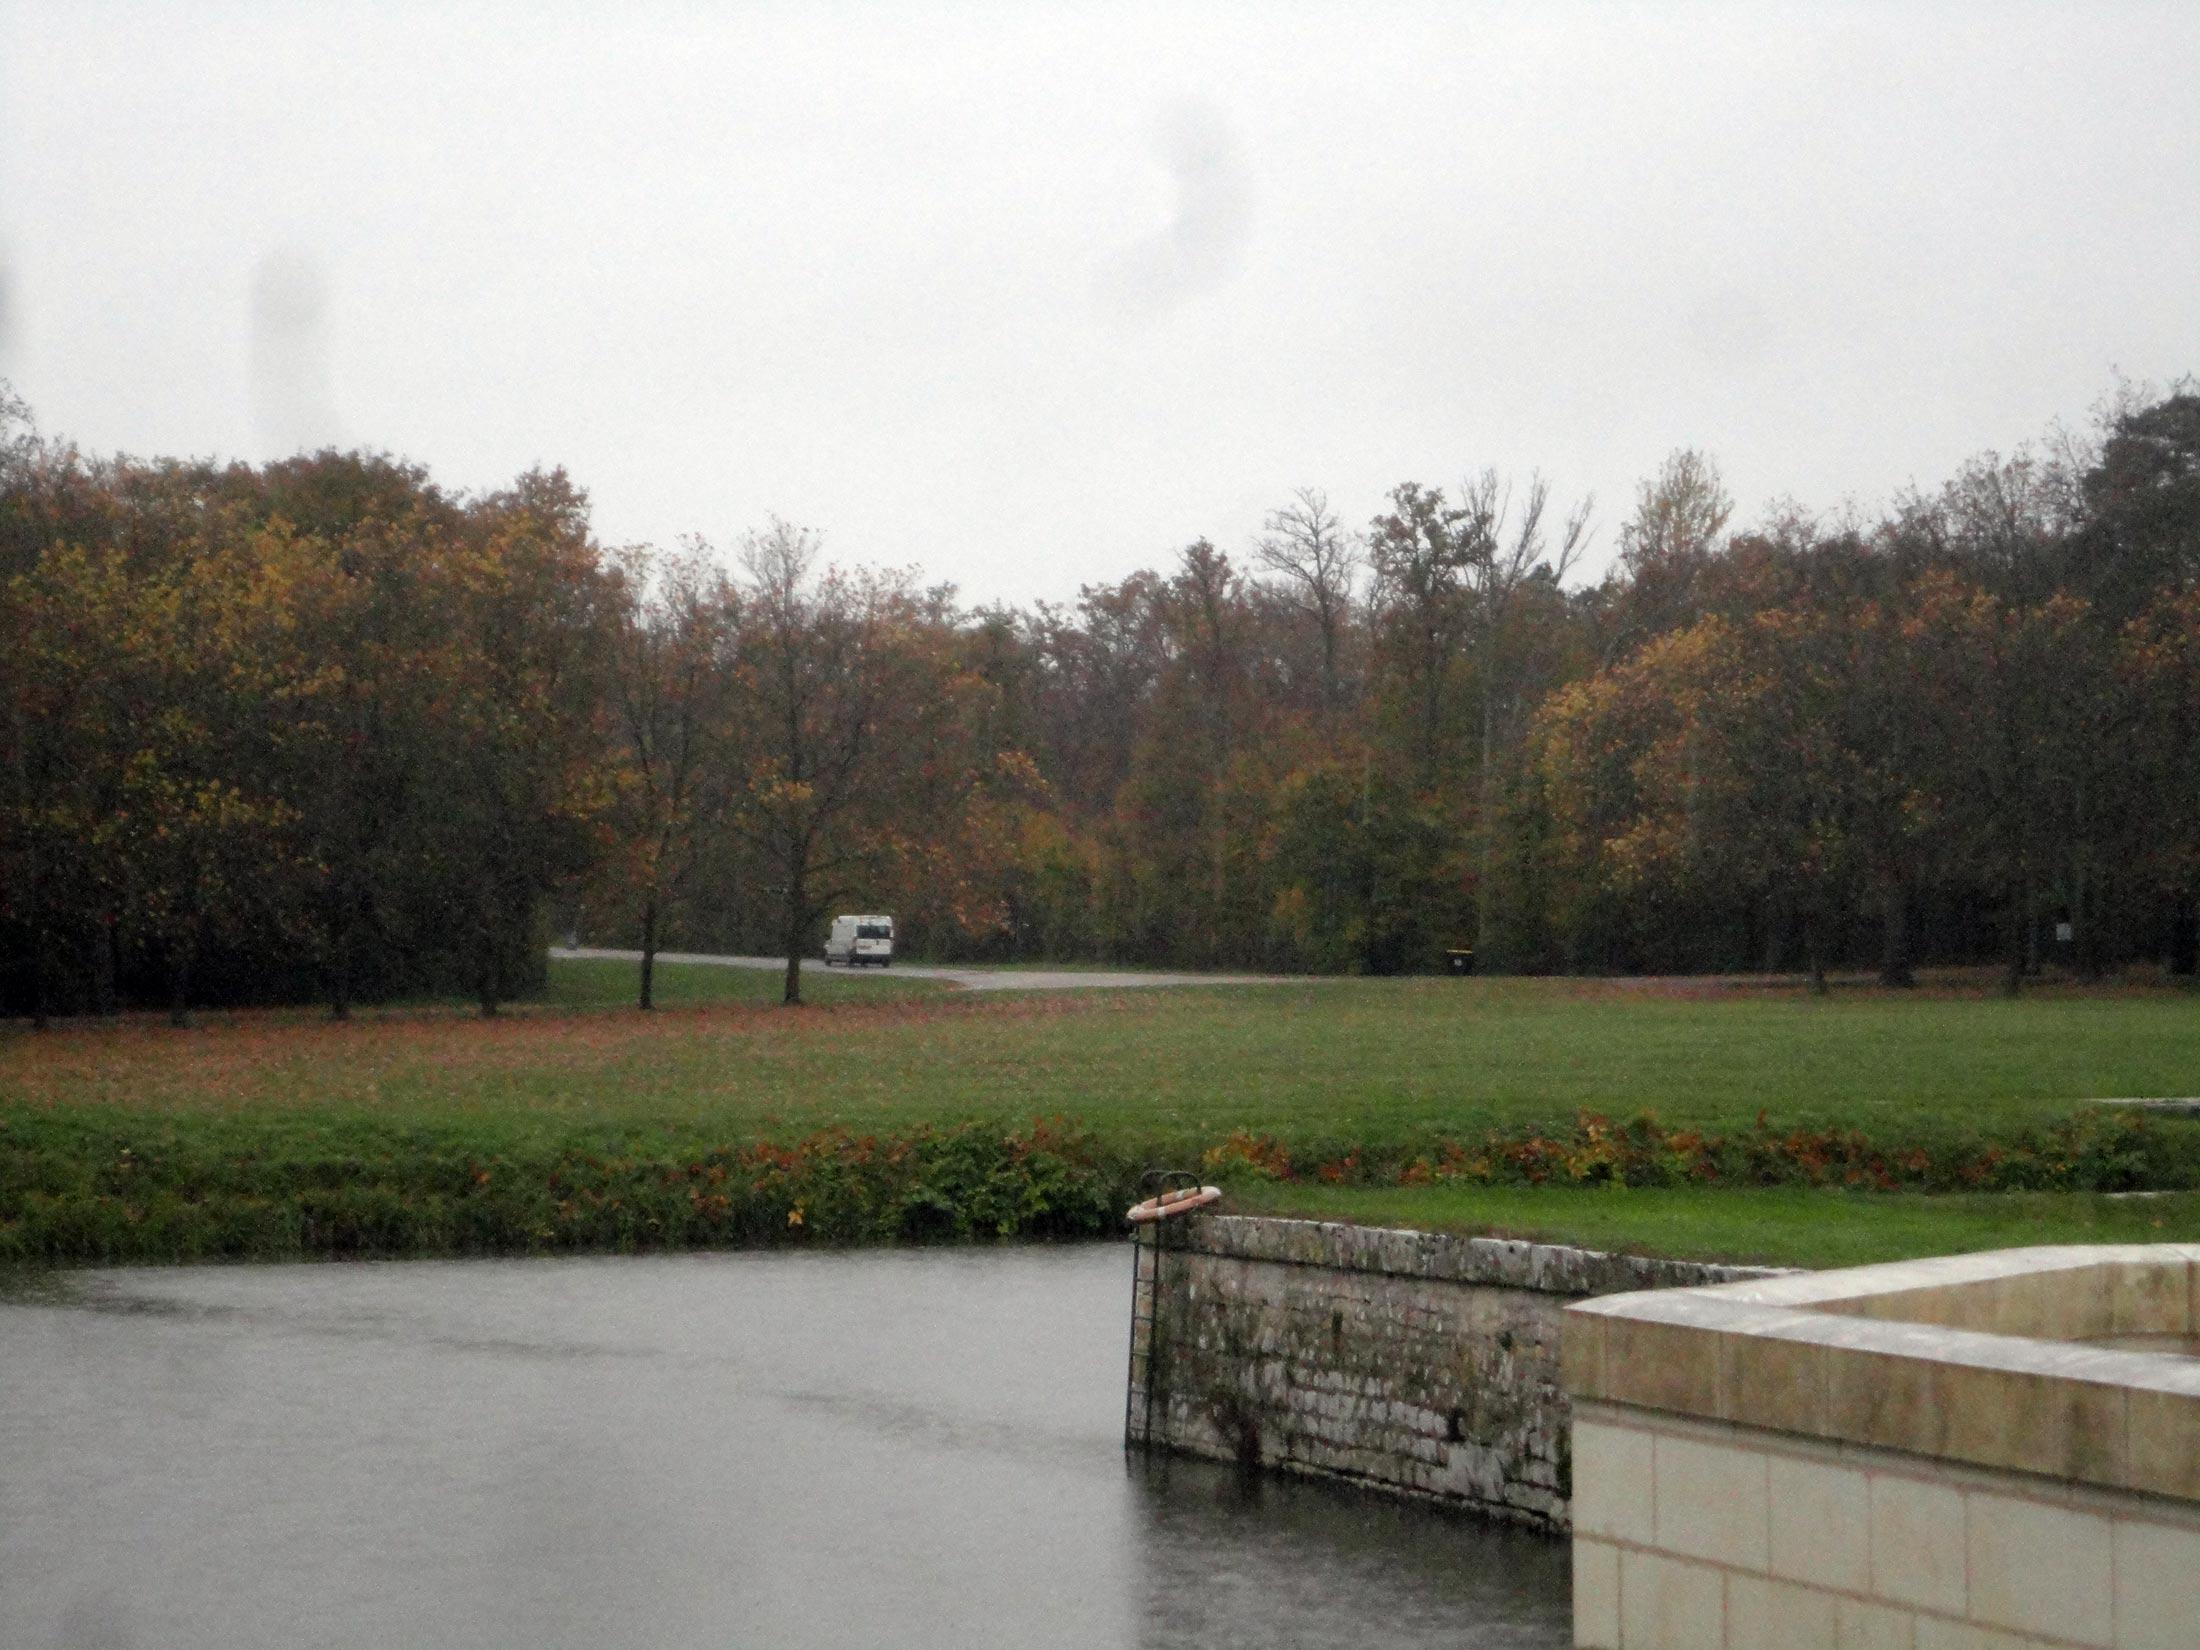 экскурсии на русском языке по замкам Луары из Парижа осенью